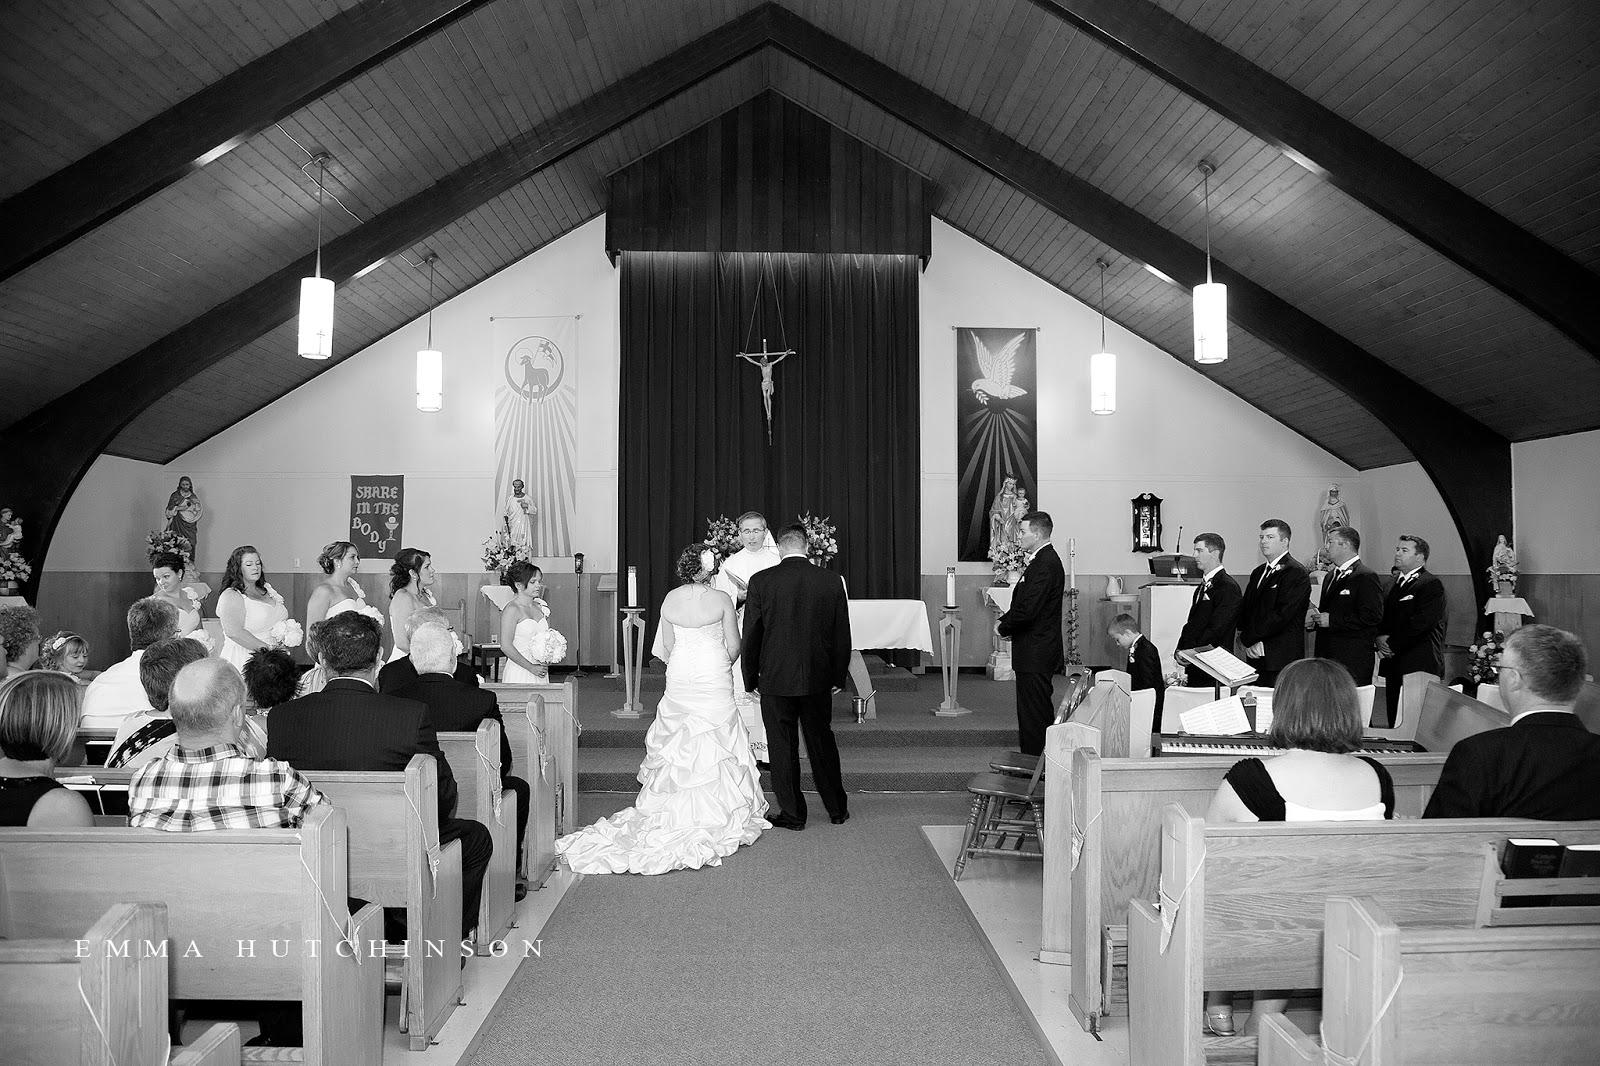 Weddings in Tilting, Fogo Island - Father David Joy